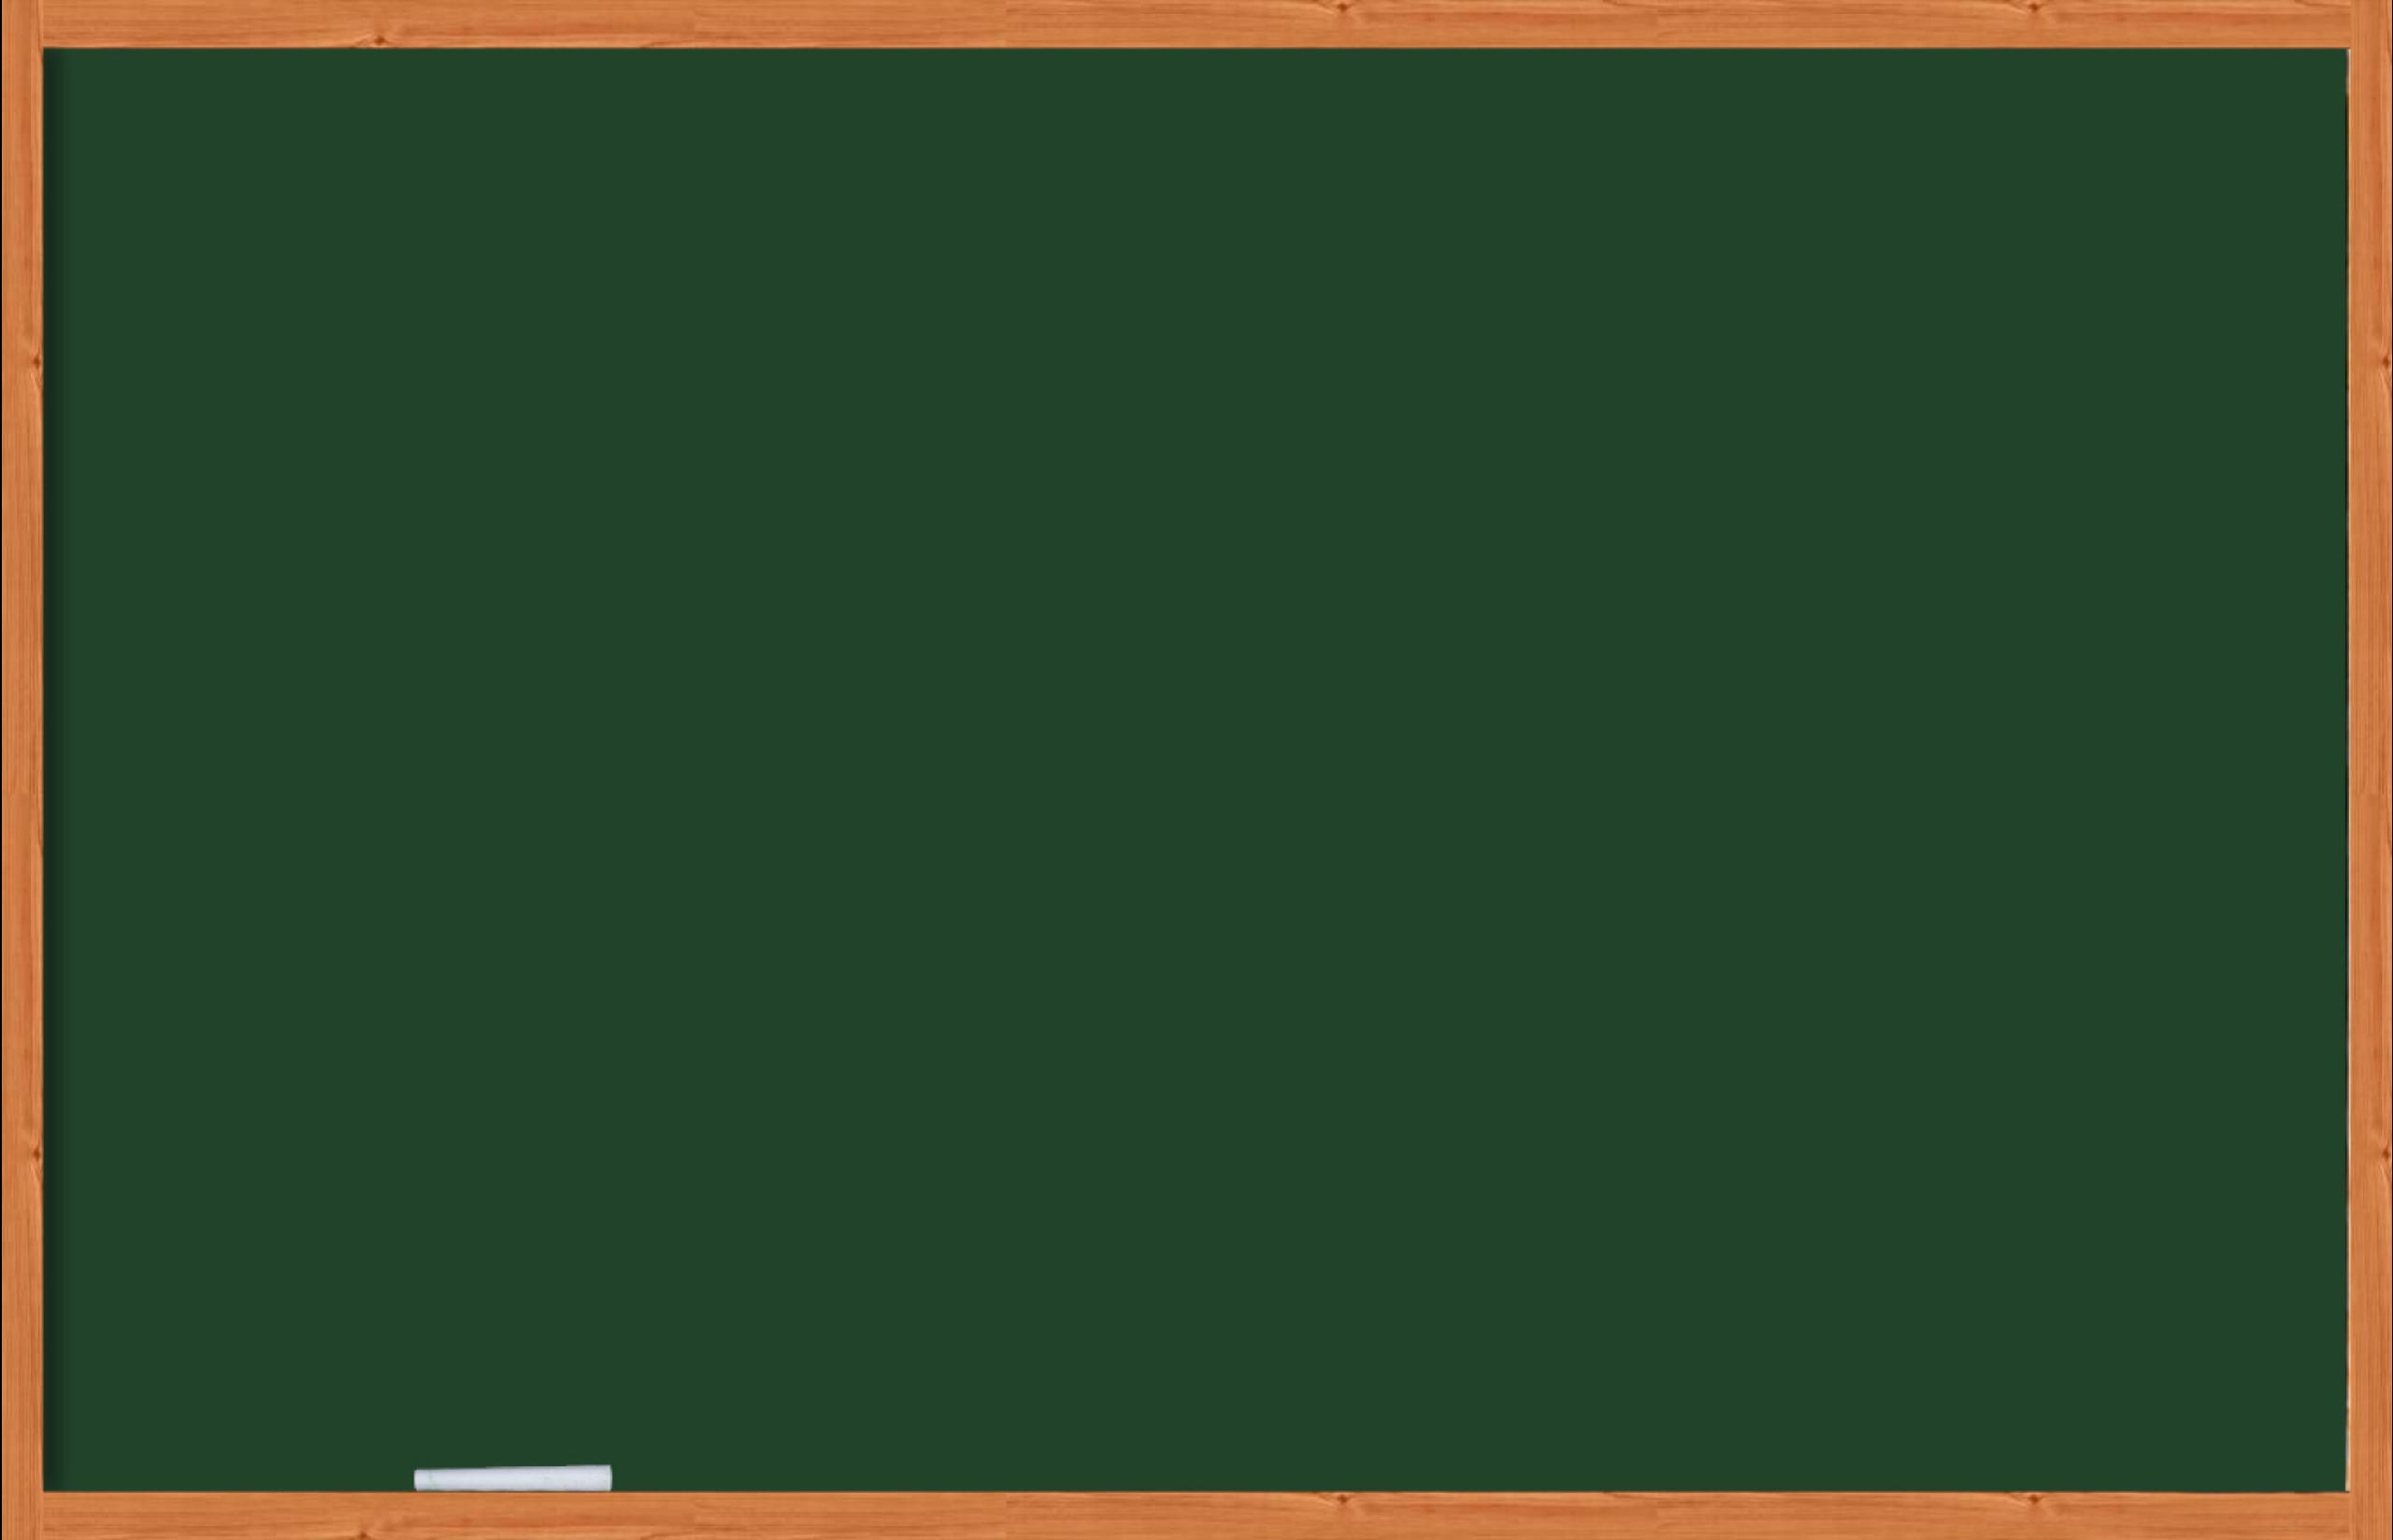 高中数学-函数图像-虎斑教育